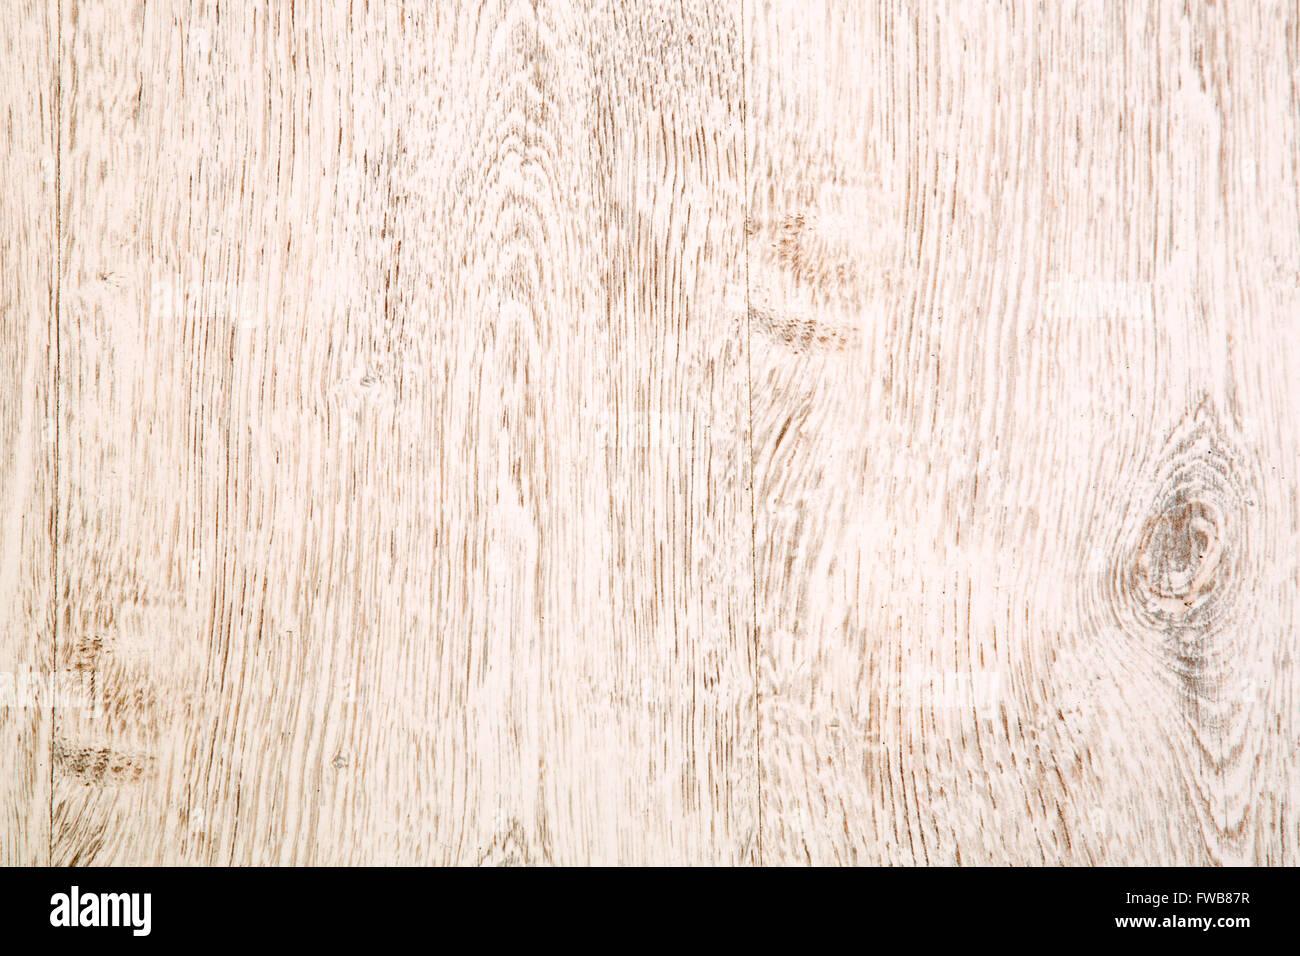 Textur Des Hellen Holz Laminat Stockfoto Bild 101666203 Alamy